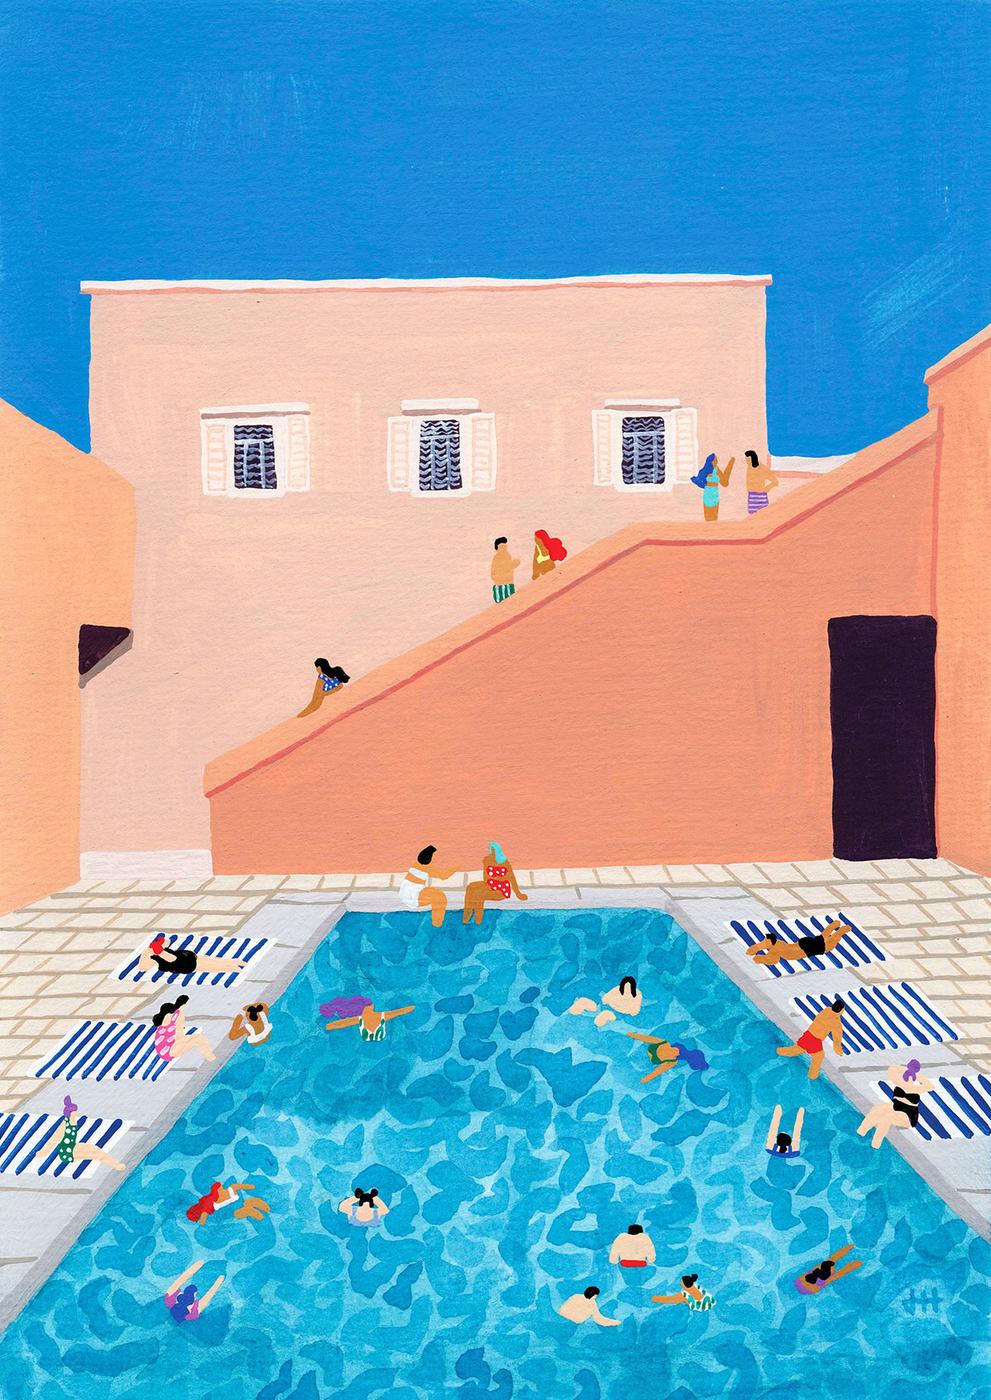 by-the-pool-11.jpg